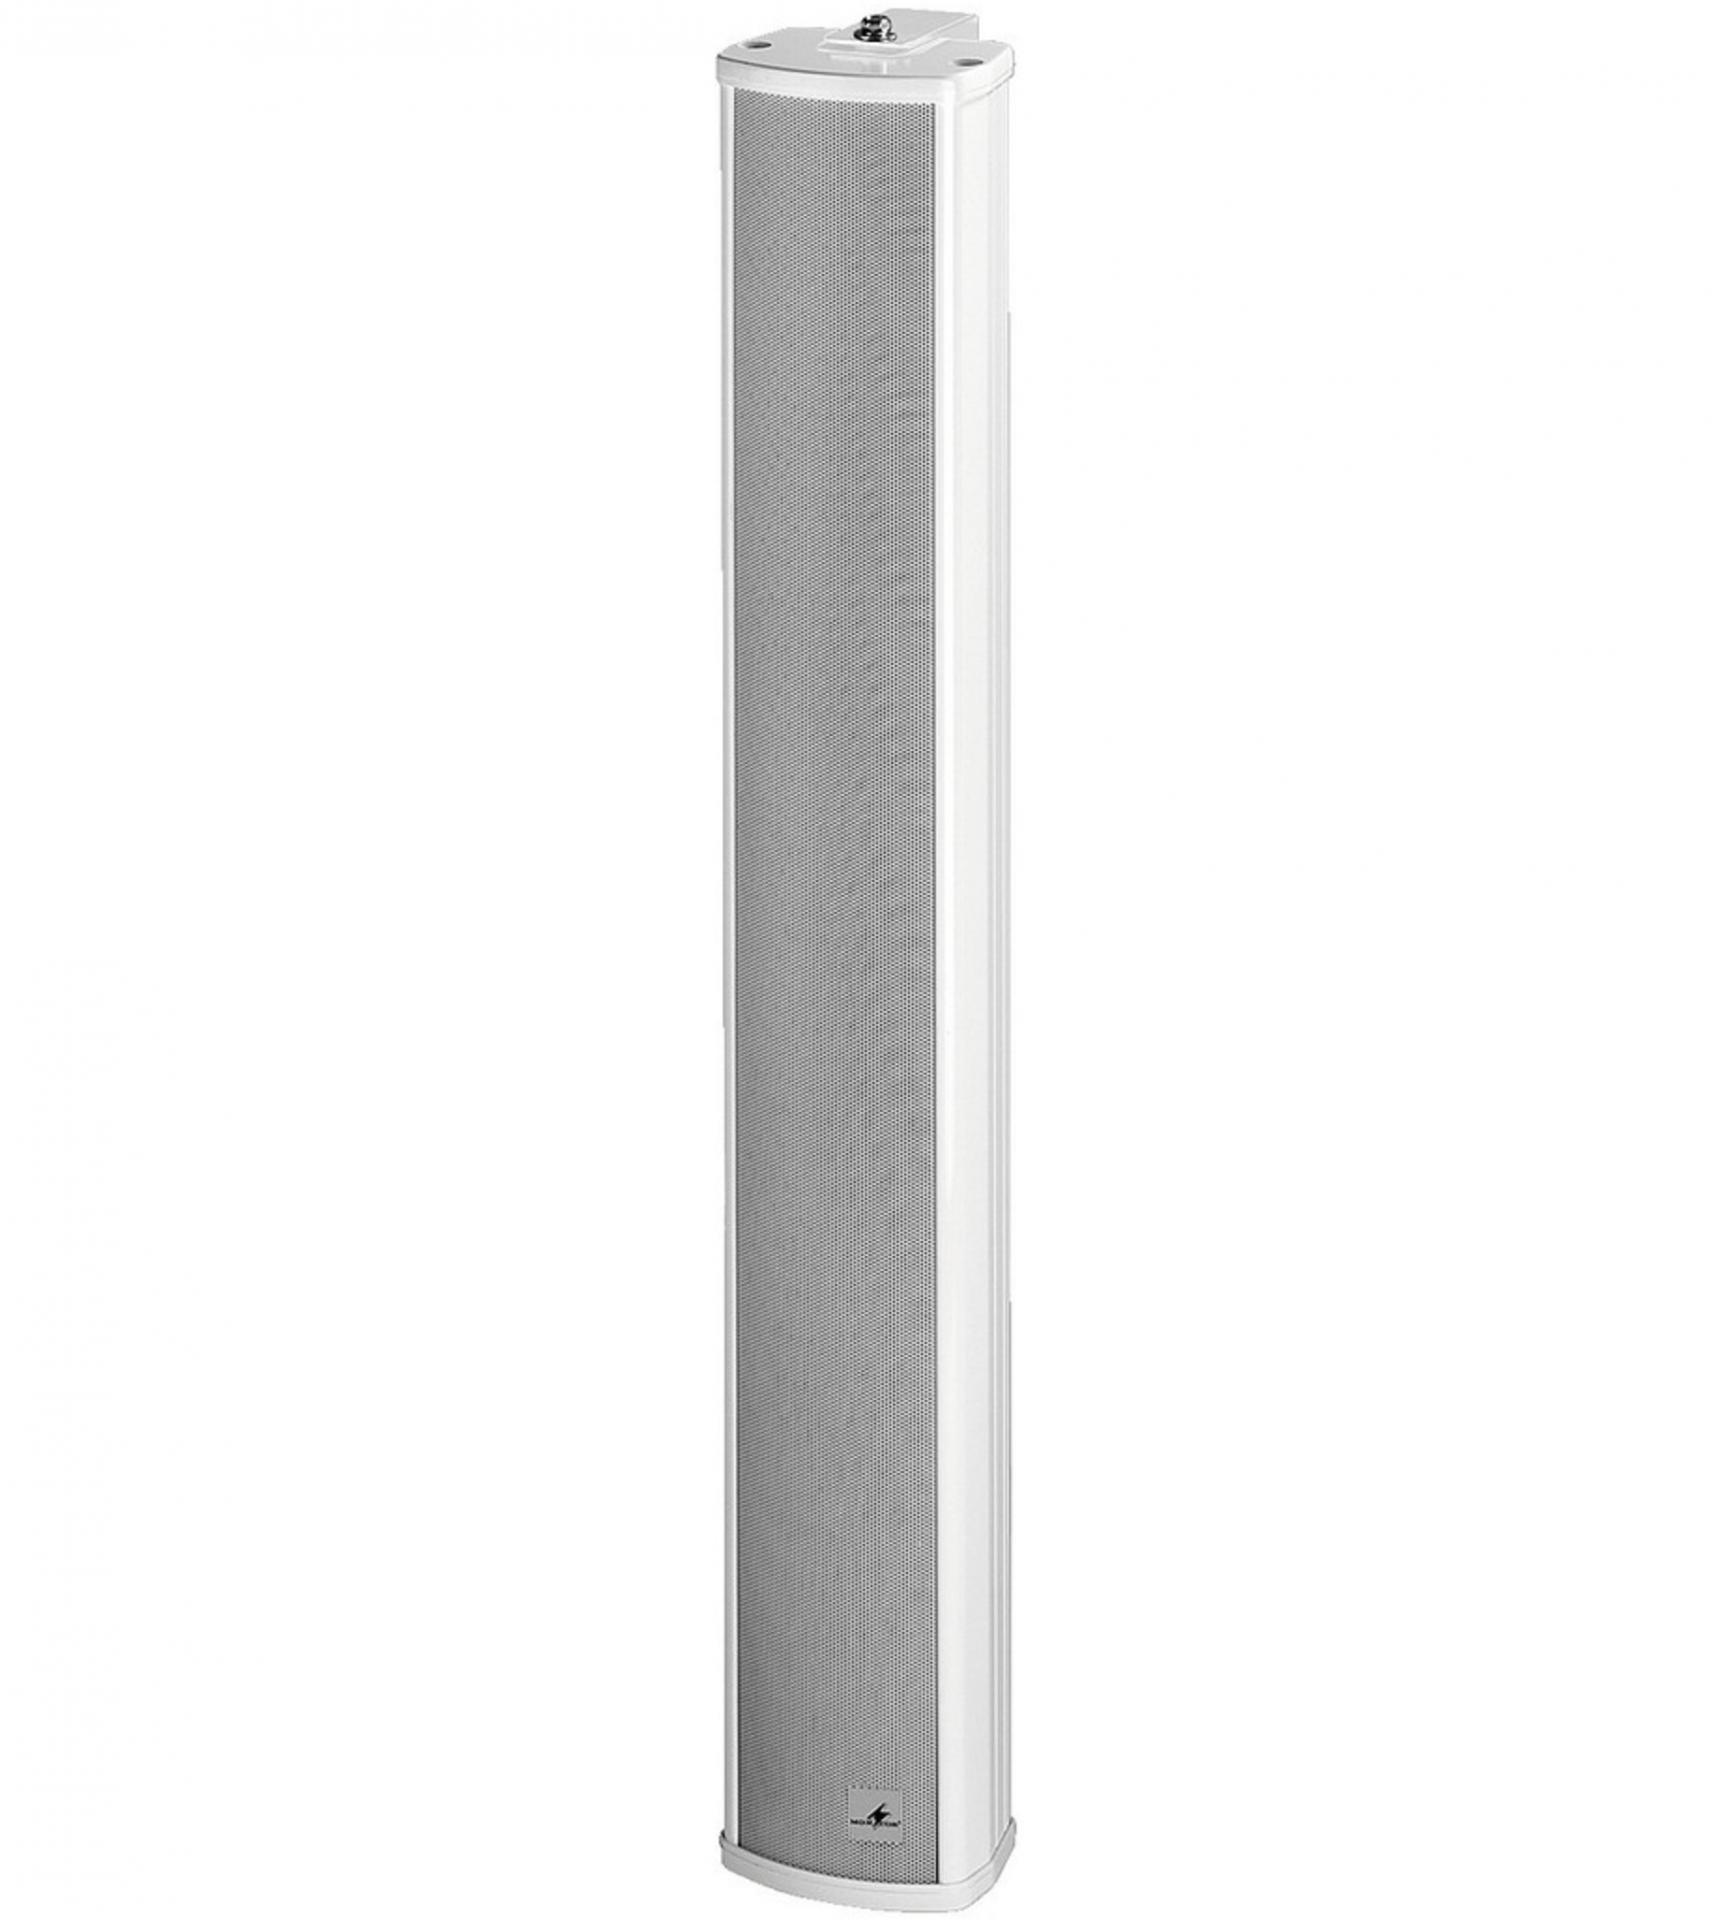 Monacor Ets-230Tw/Ws Columna de Sonido para Megafonía